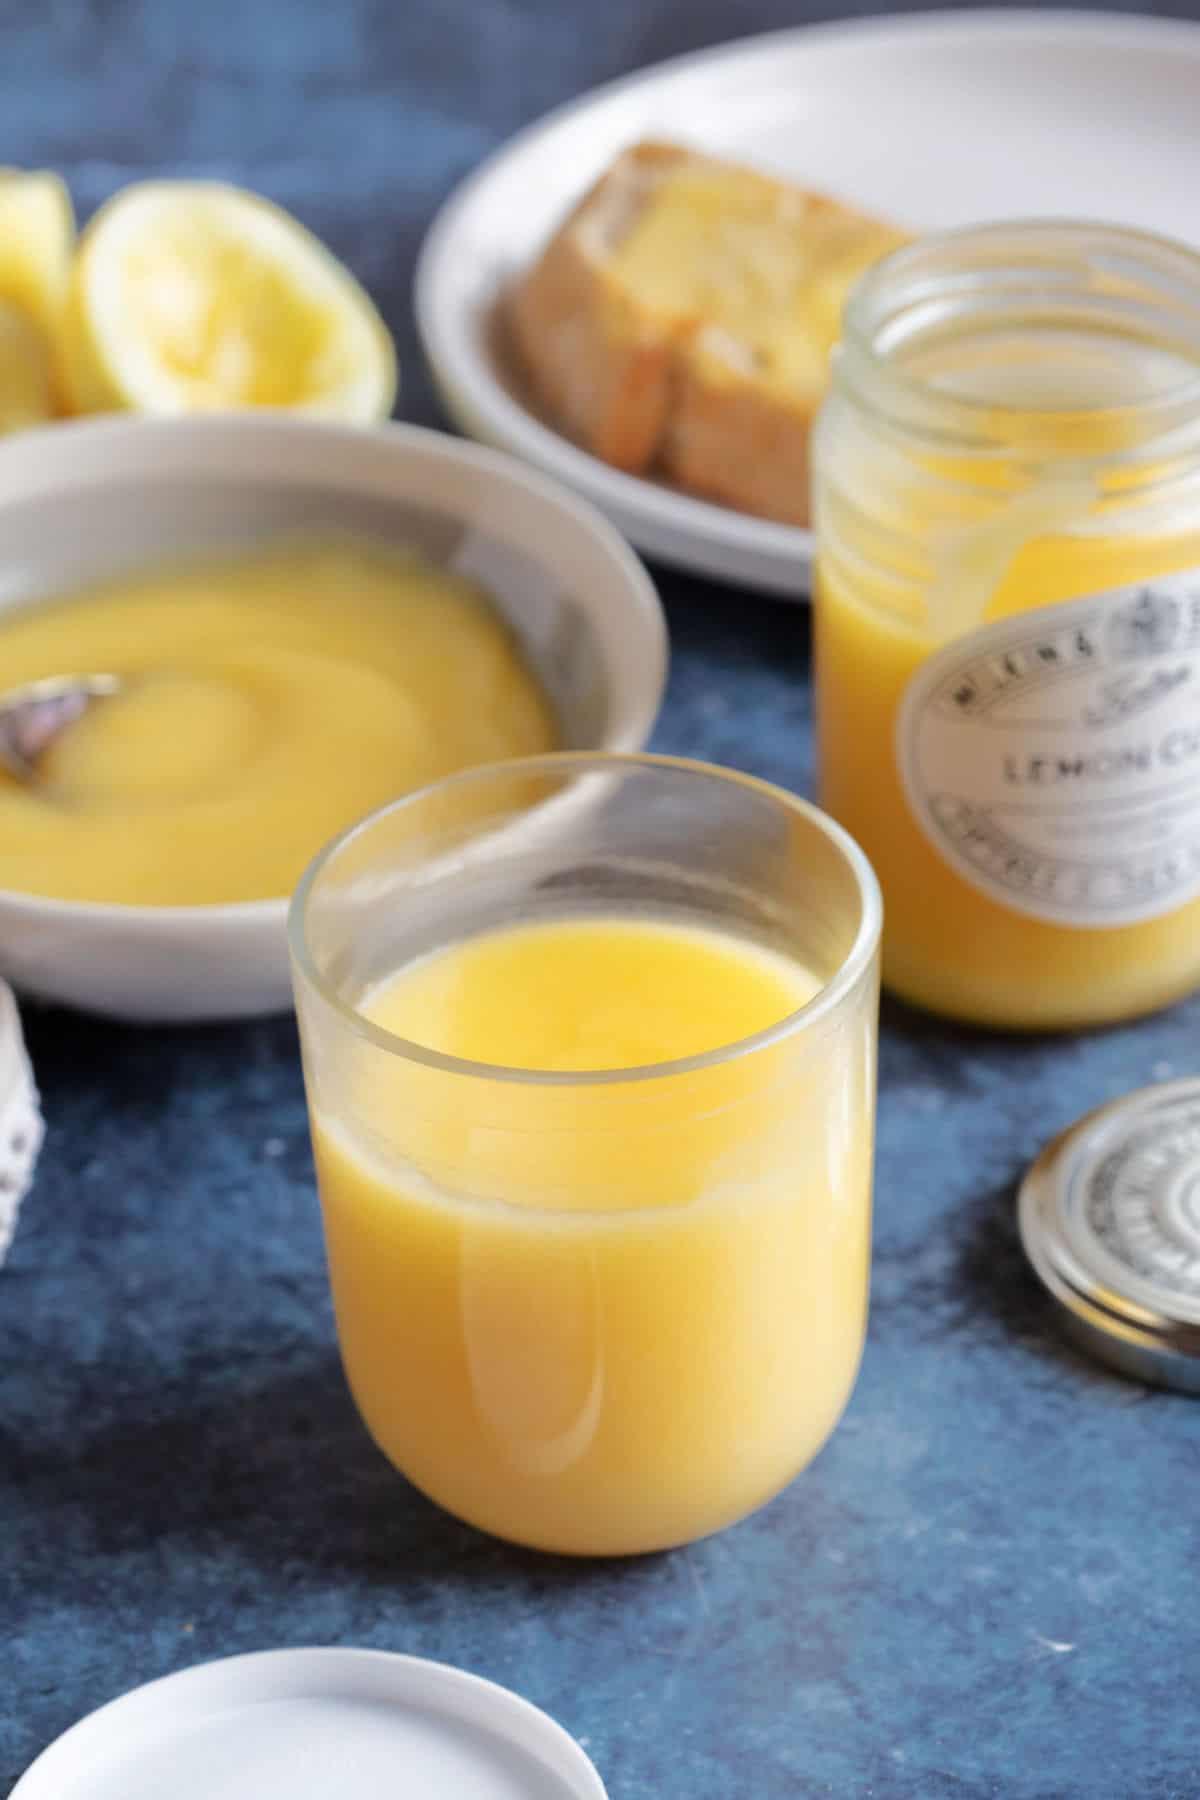 A jar of lemon curd.